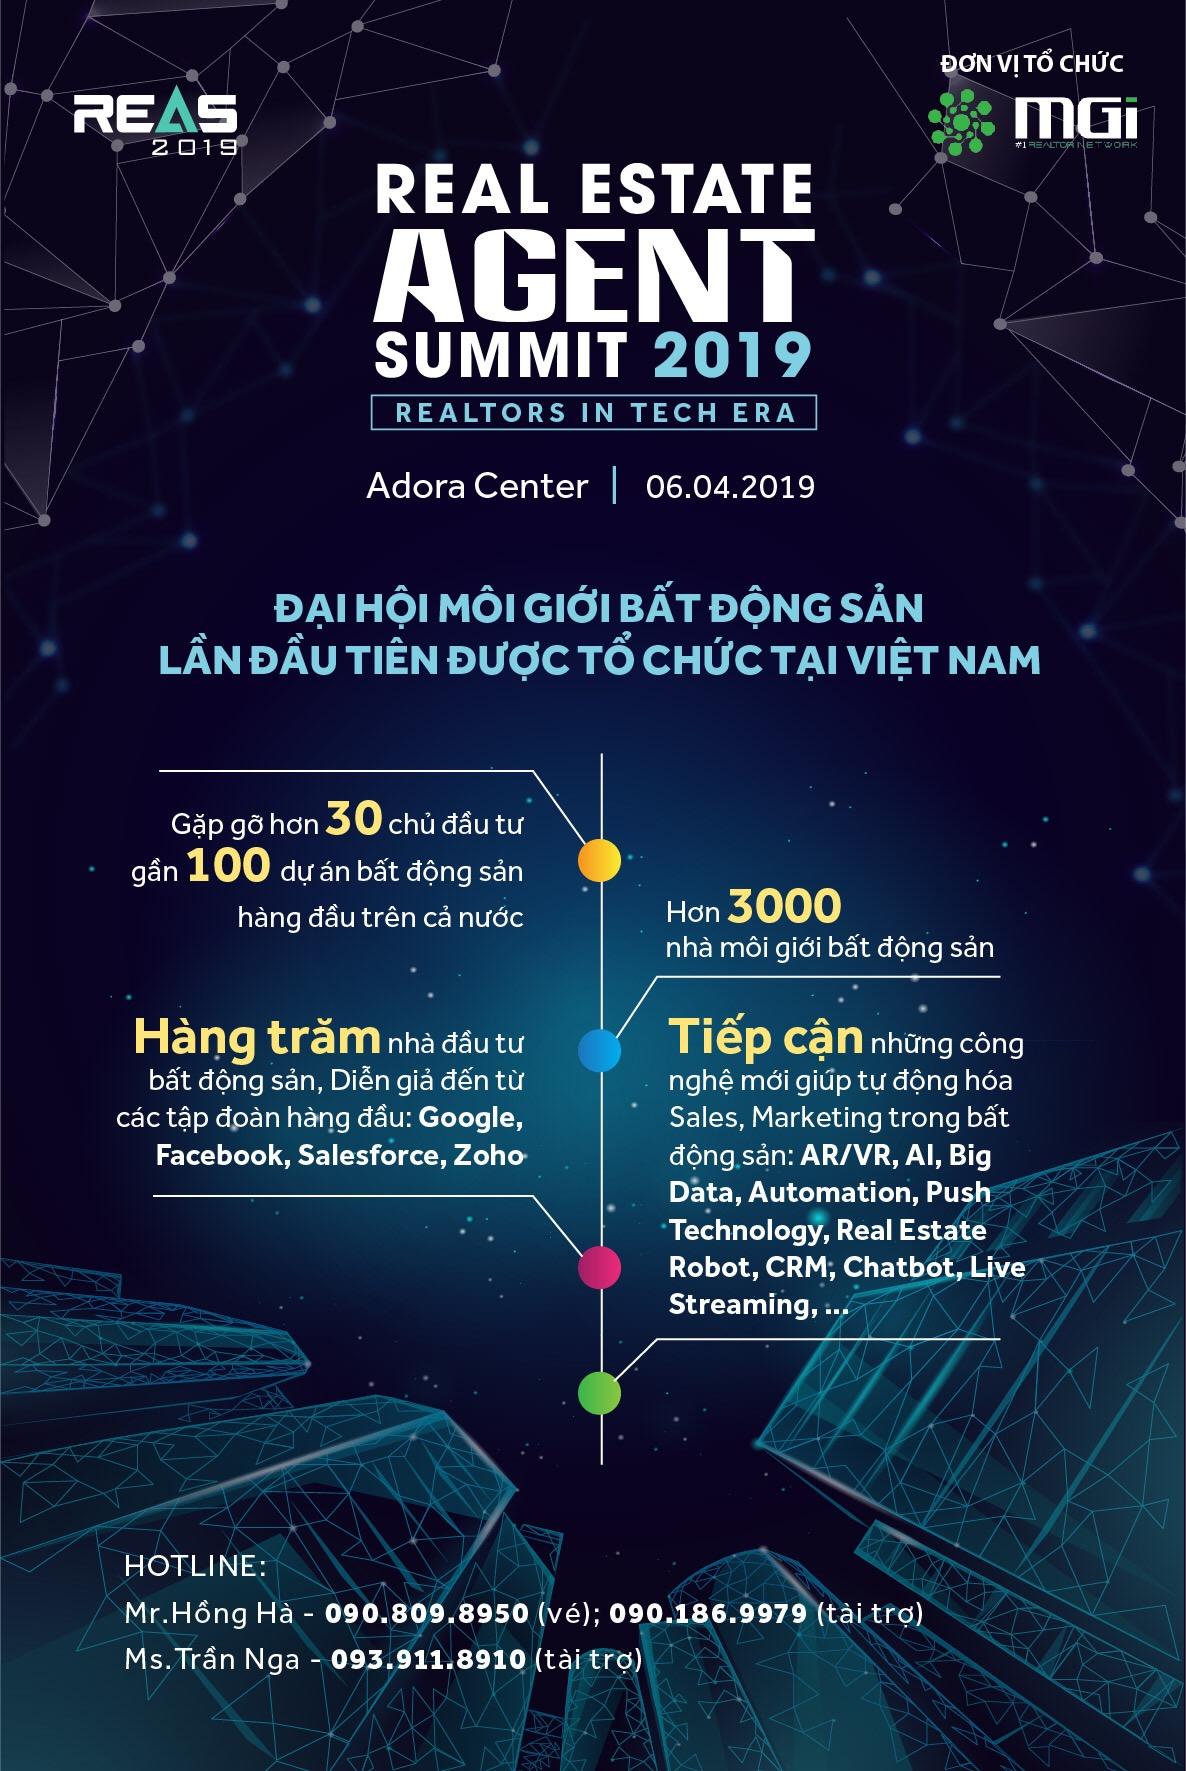 Real Estate Agent Summit 2019 - Làm chủ 'luồng gió' công nghệ mới trong kinh doanh bất động sản thời đại 4.0